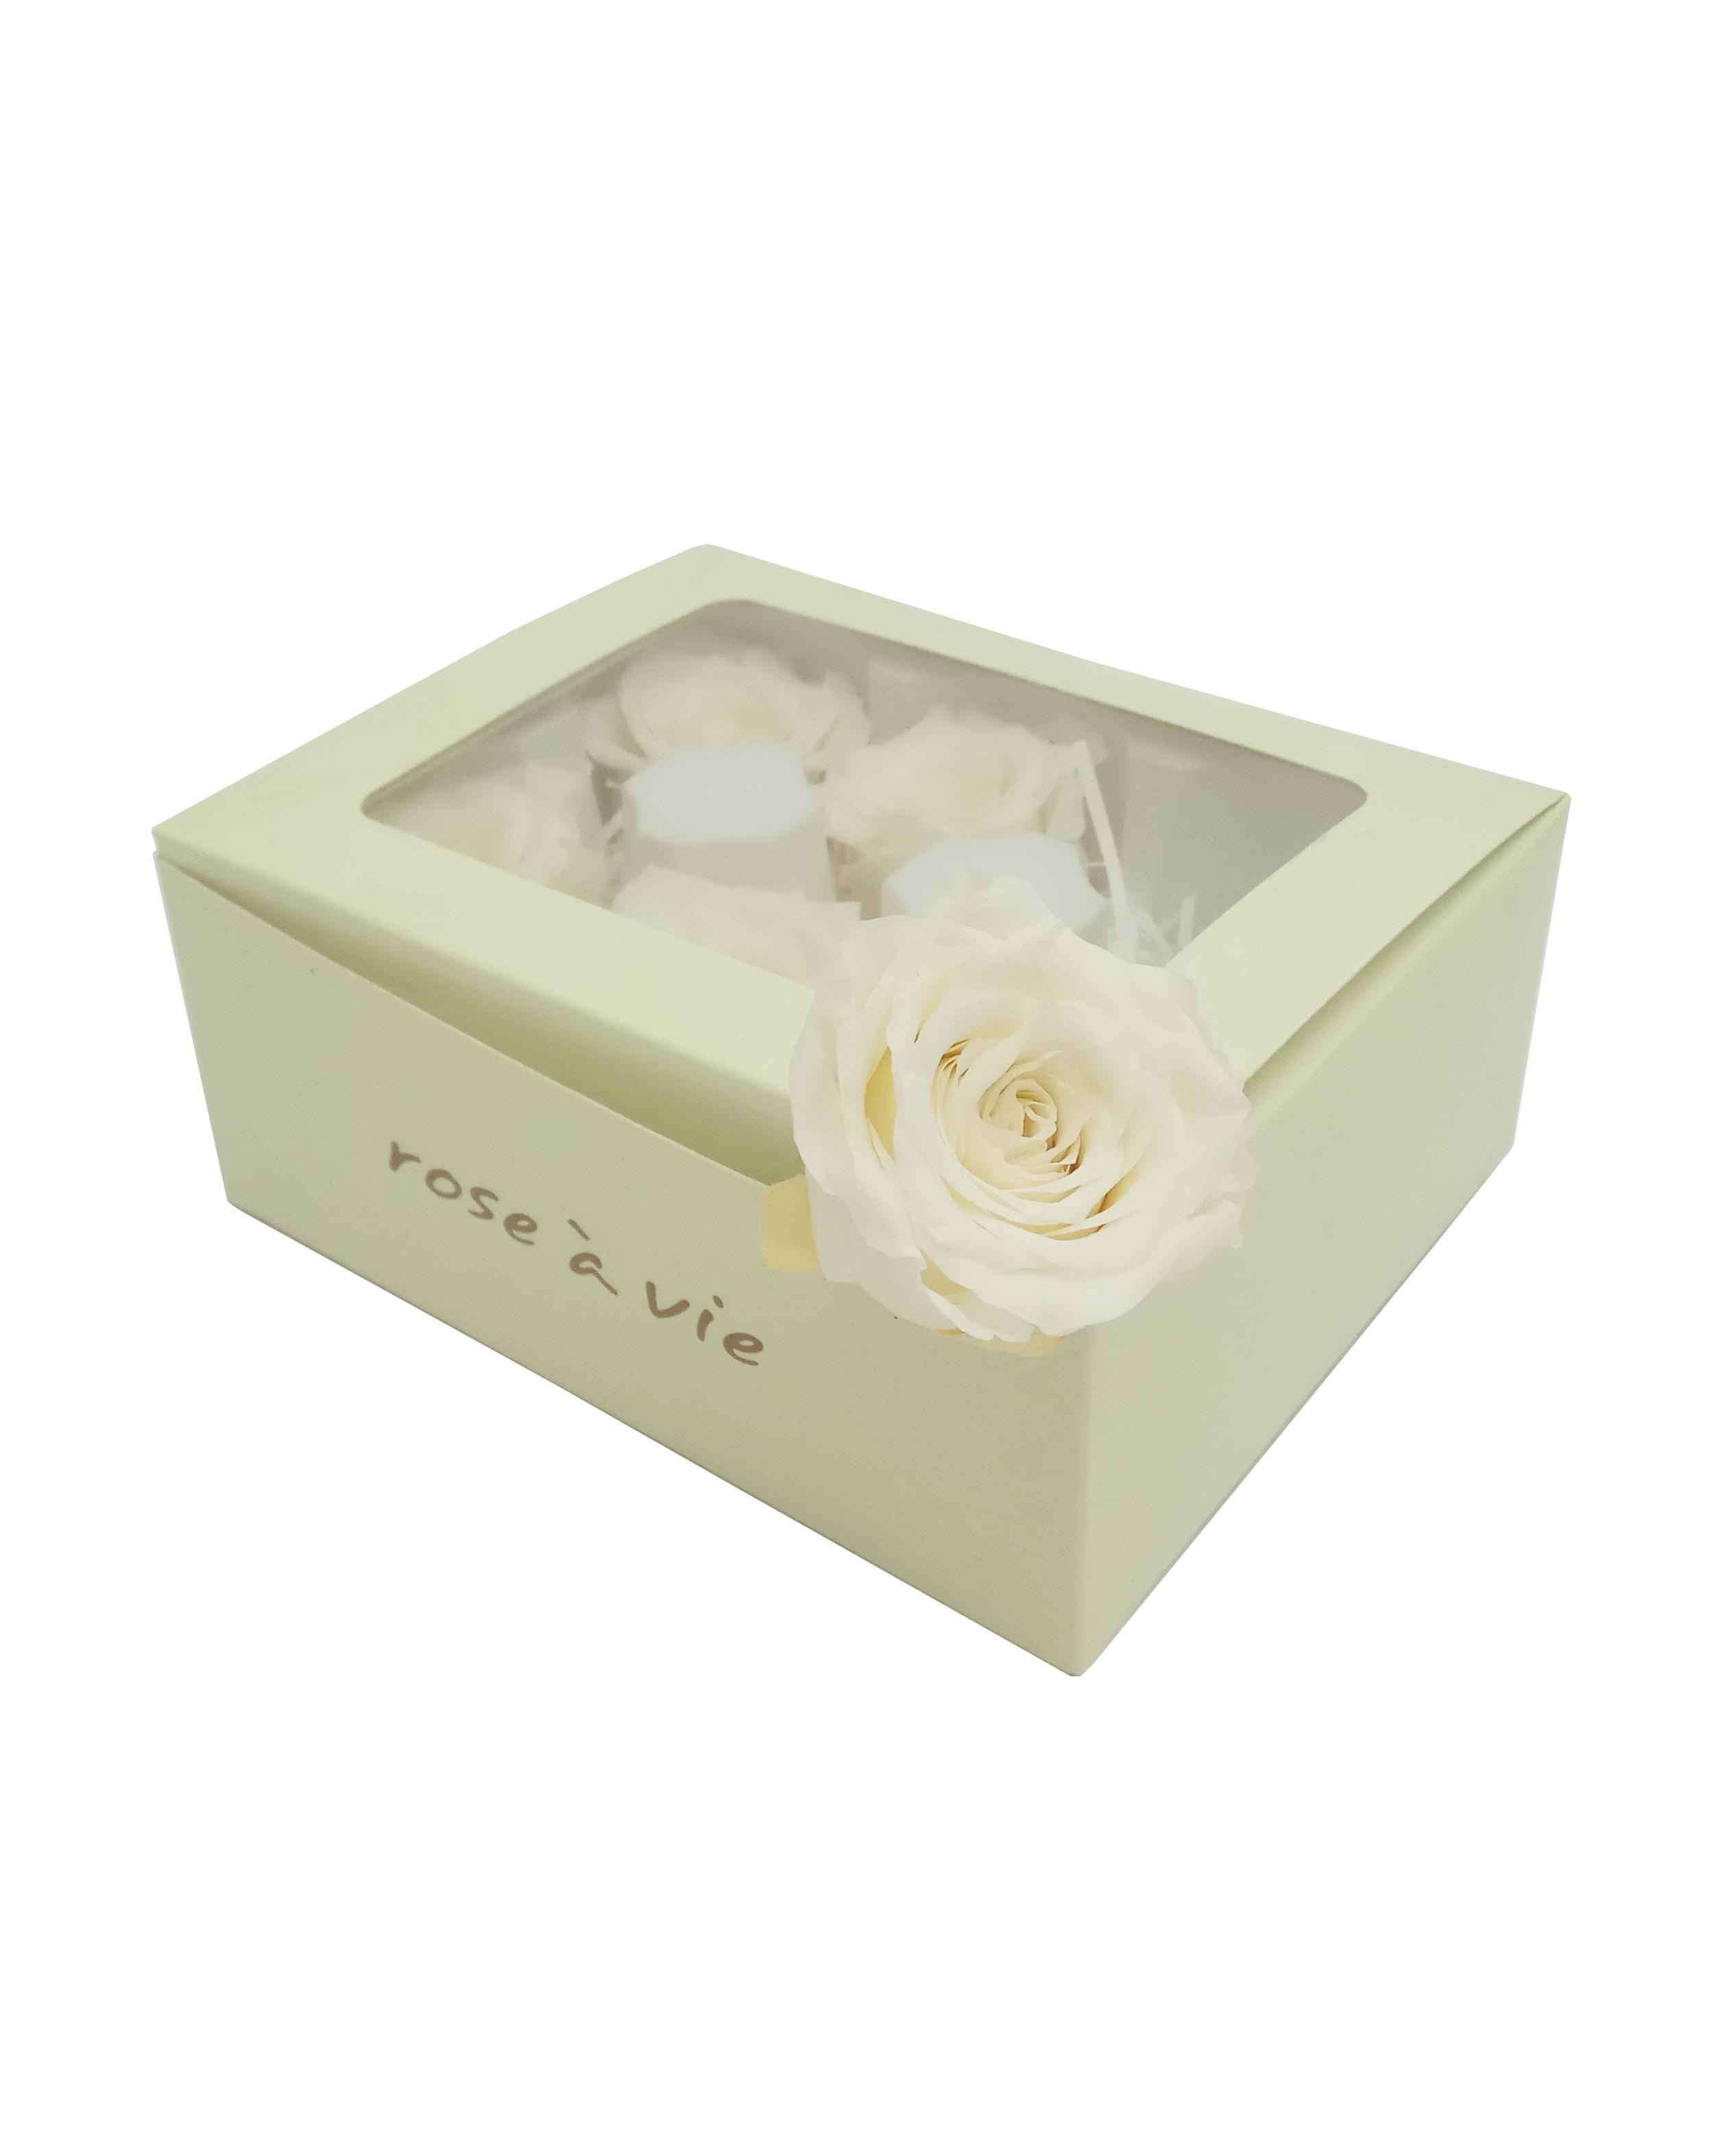 Роза открытая H-5.5см, D-4.5см, цвет белый 6шт/упак